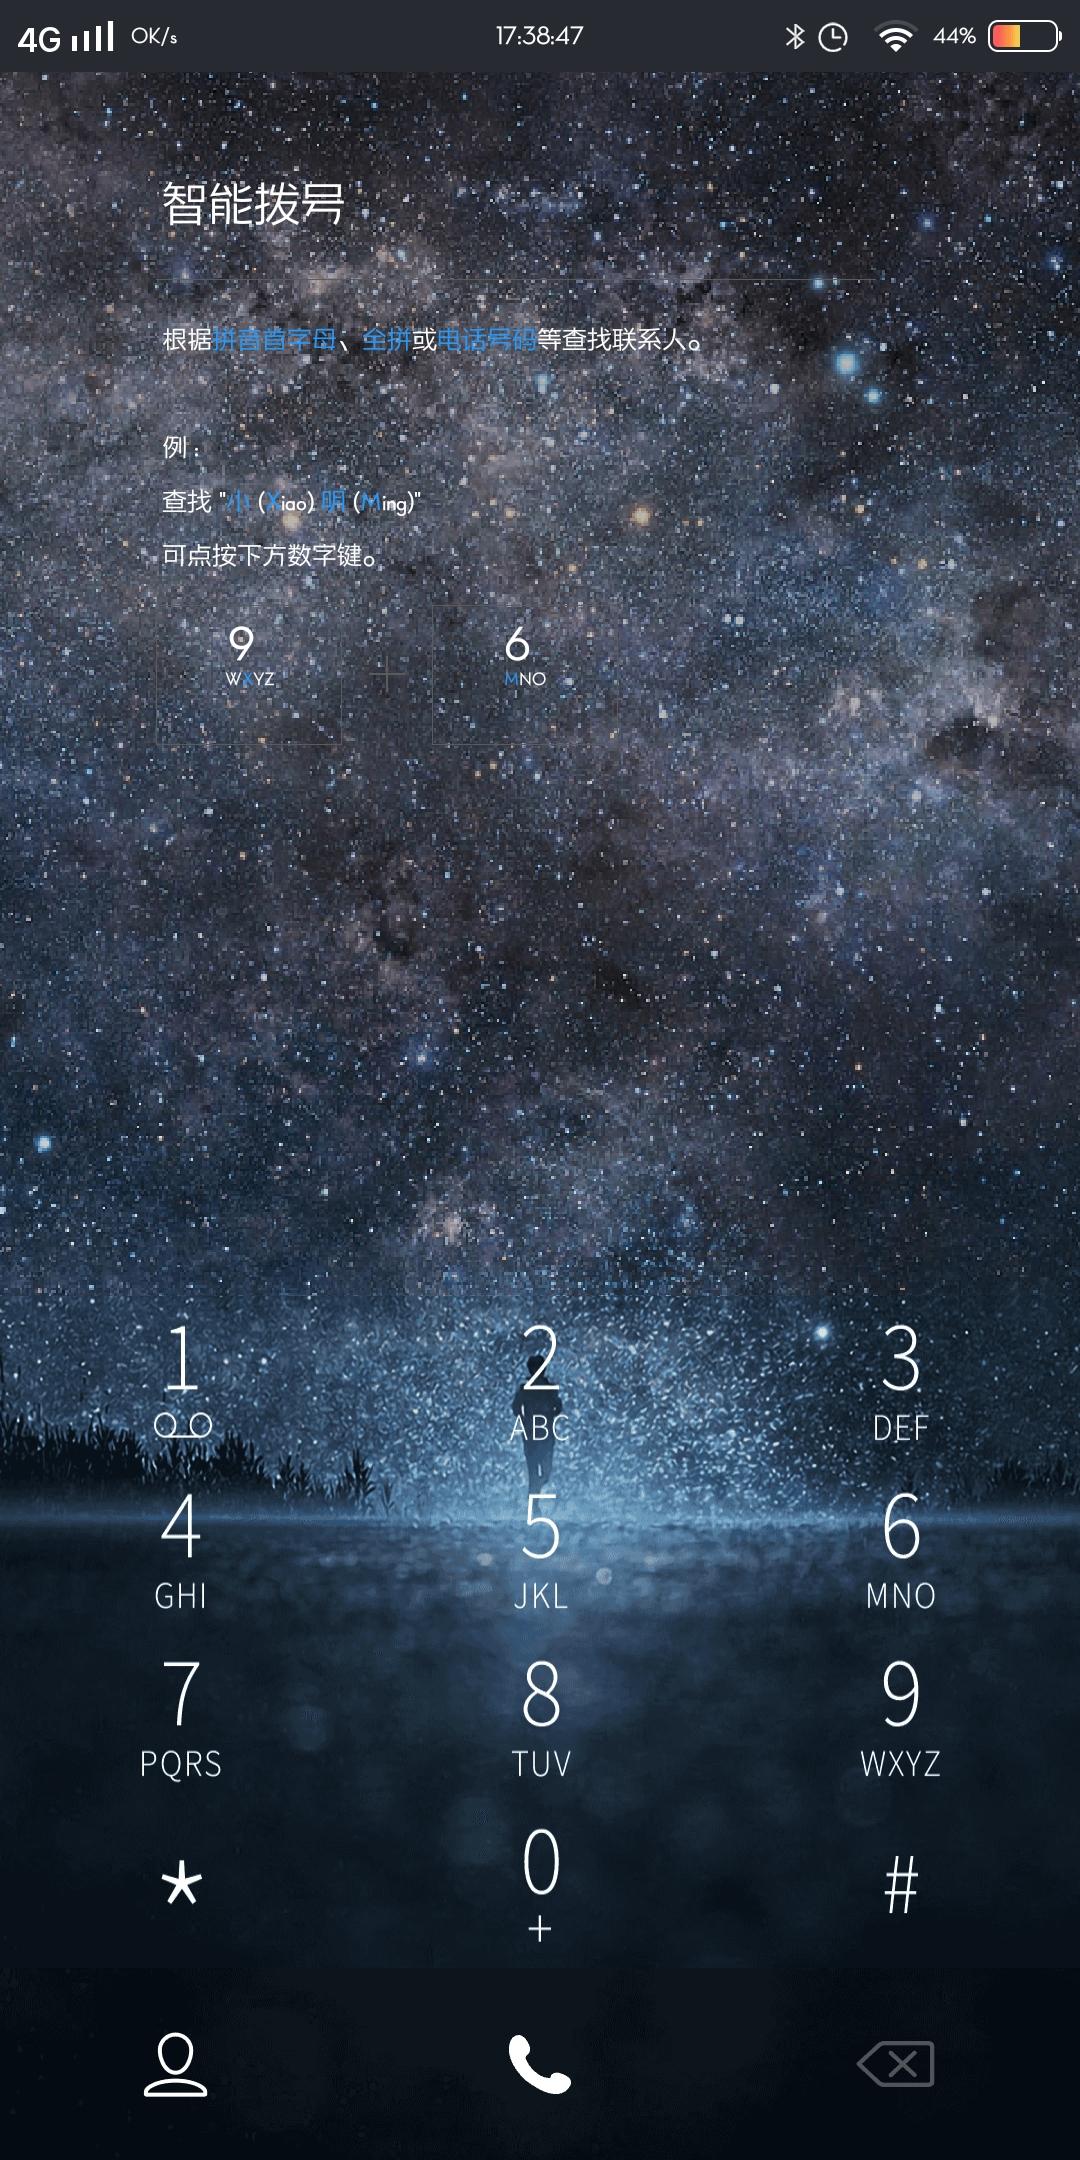 Screenshot_20190429_173848.jpg